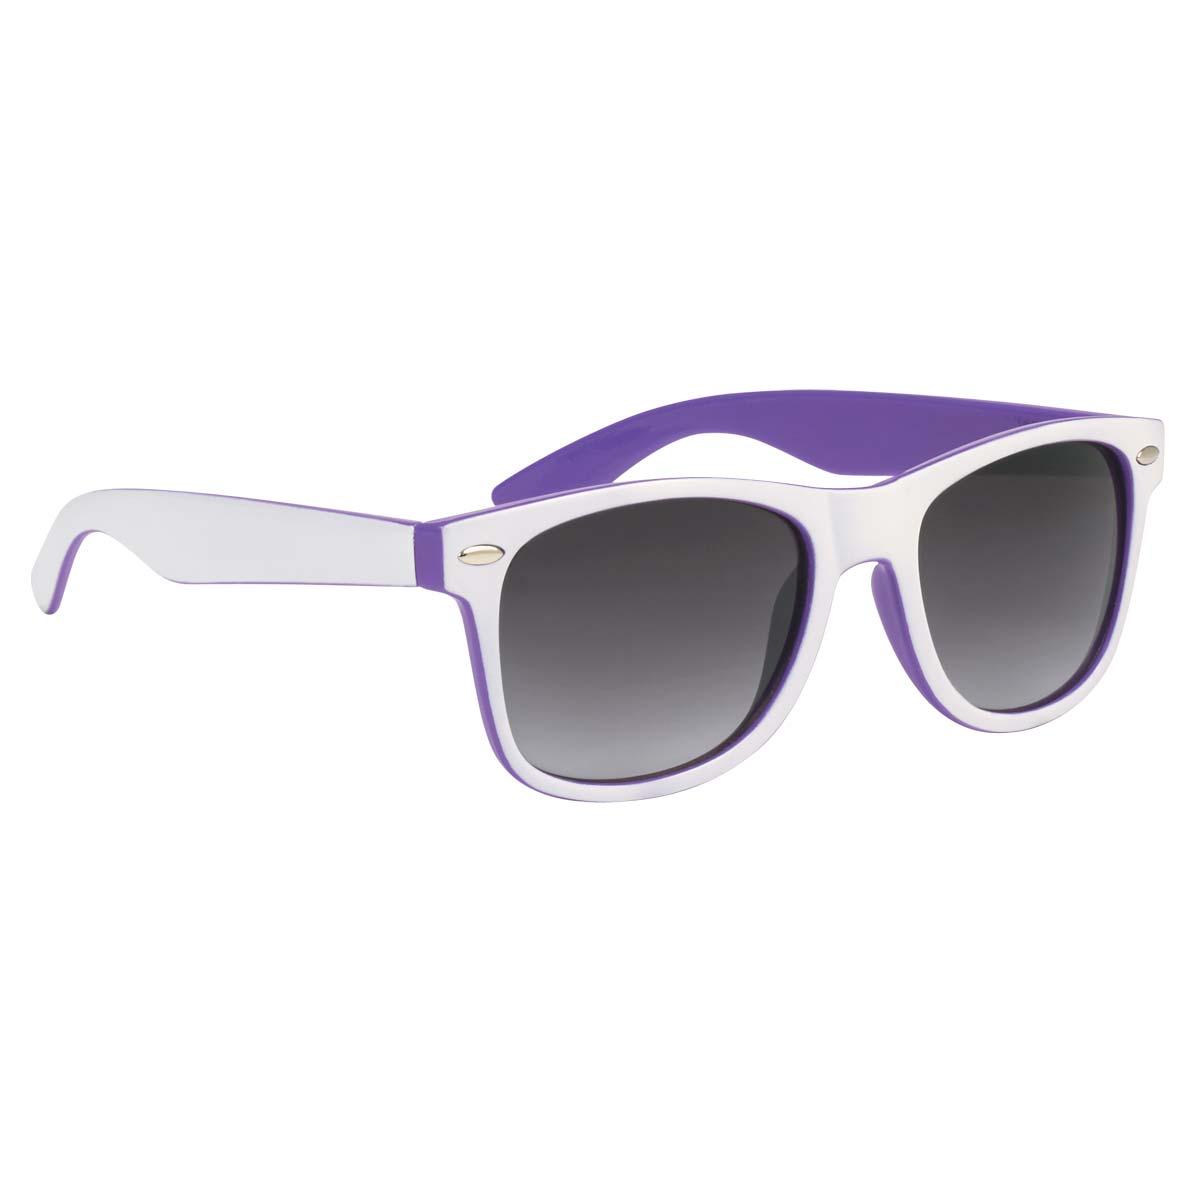 6224 purple white